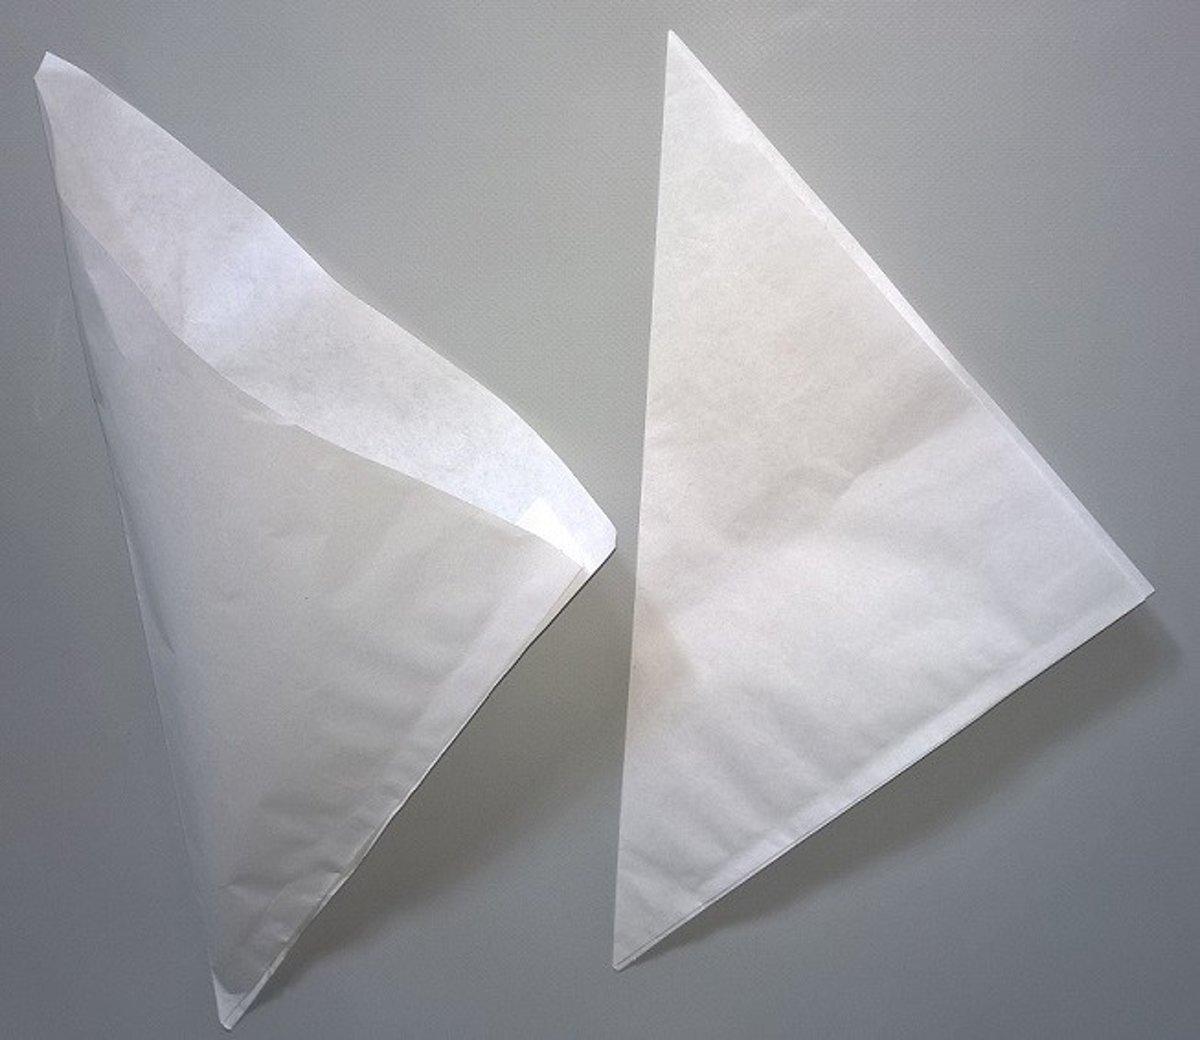 Puntzakken van Pergament Ersatz en vetvrij 40 grs (inhoud 65 grs) 16 cm (100 pcs) [PPS16] kopen